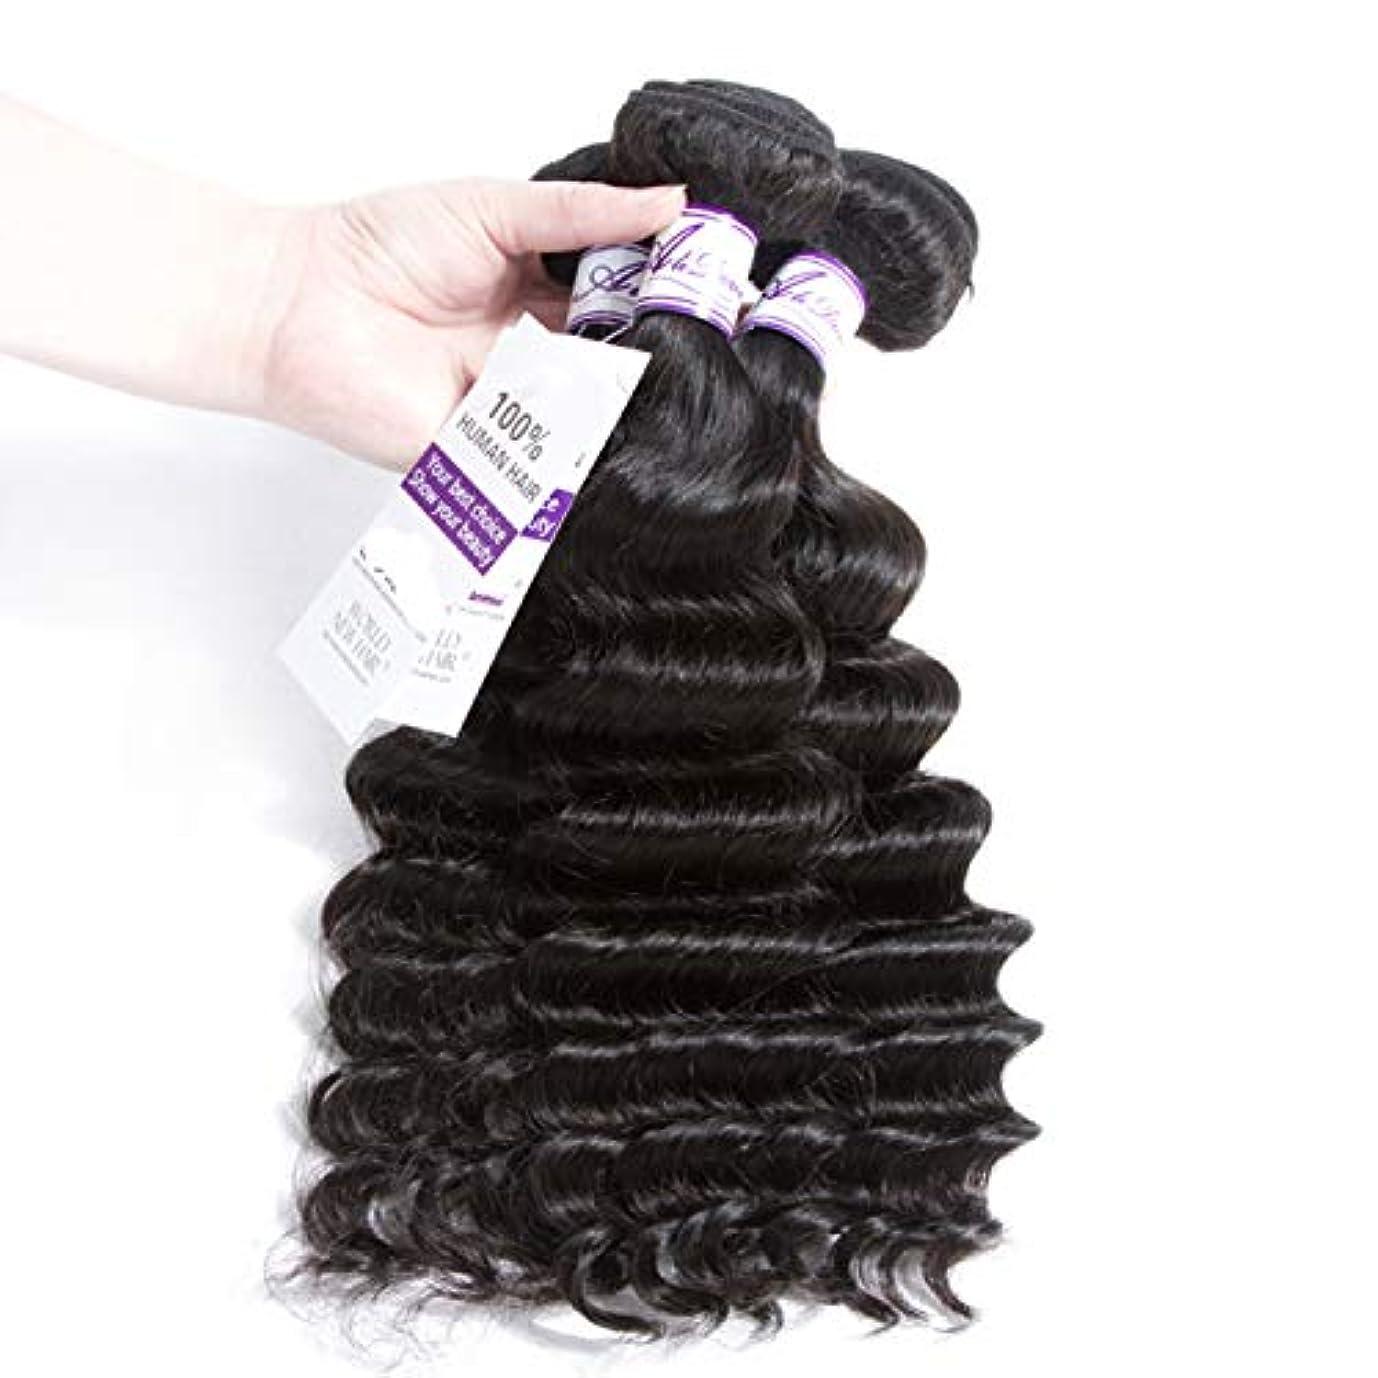 ブラジルルースディープウェーブ3バンドルお得な非Remy人間の髪織りエクステンションナチュラルブラックヘアエクステンション3ピース (Length : 14 16 18)